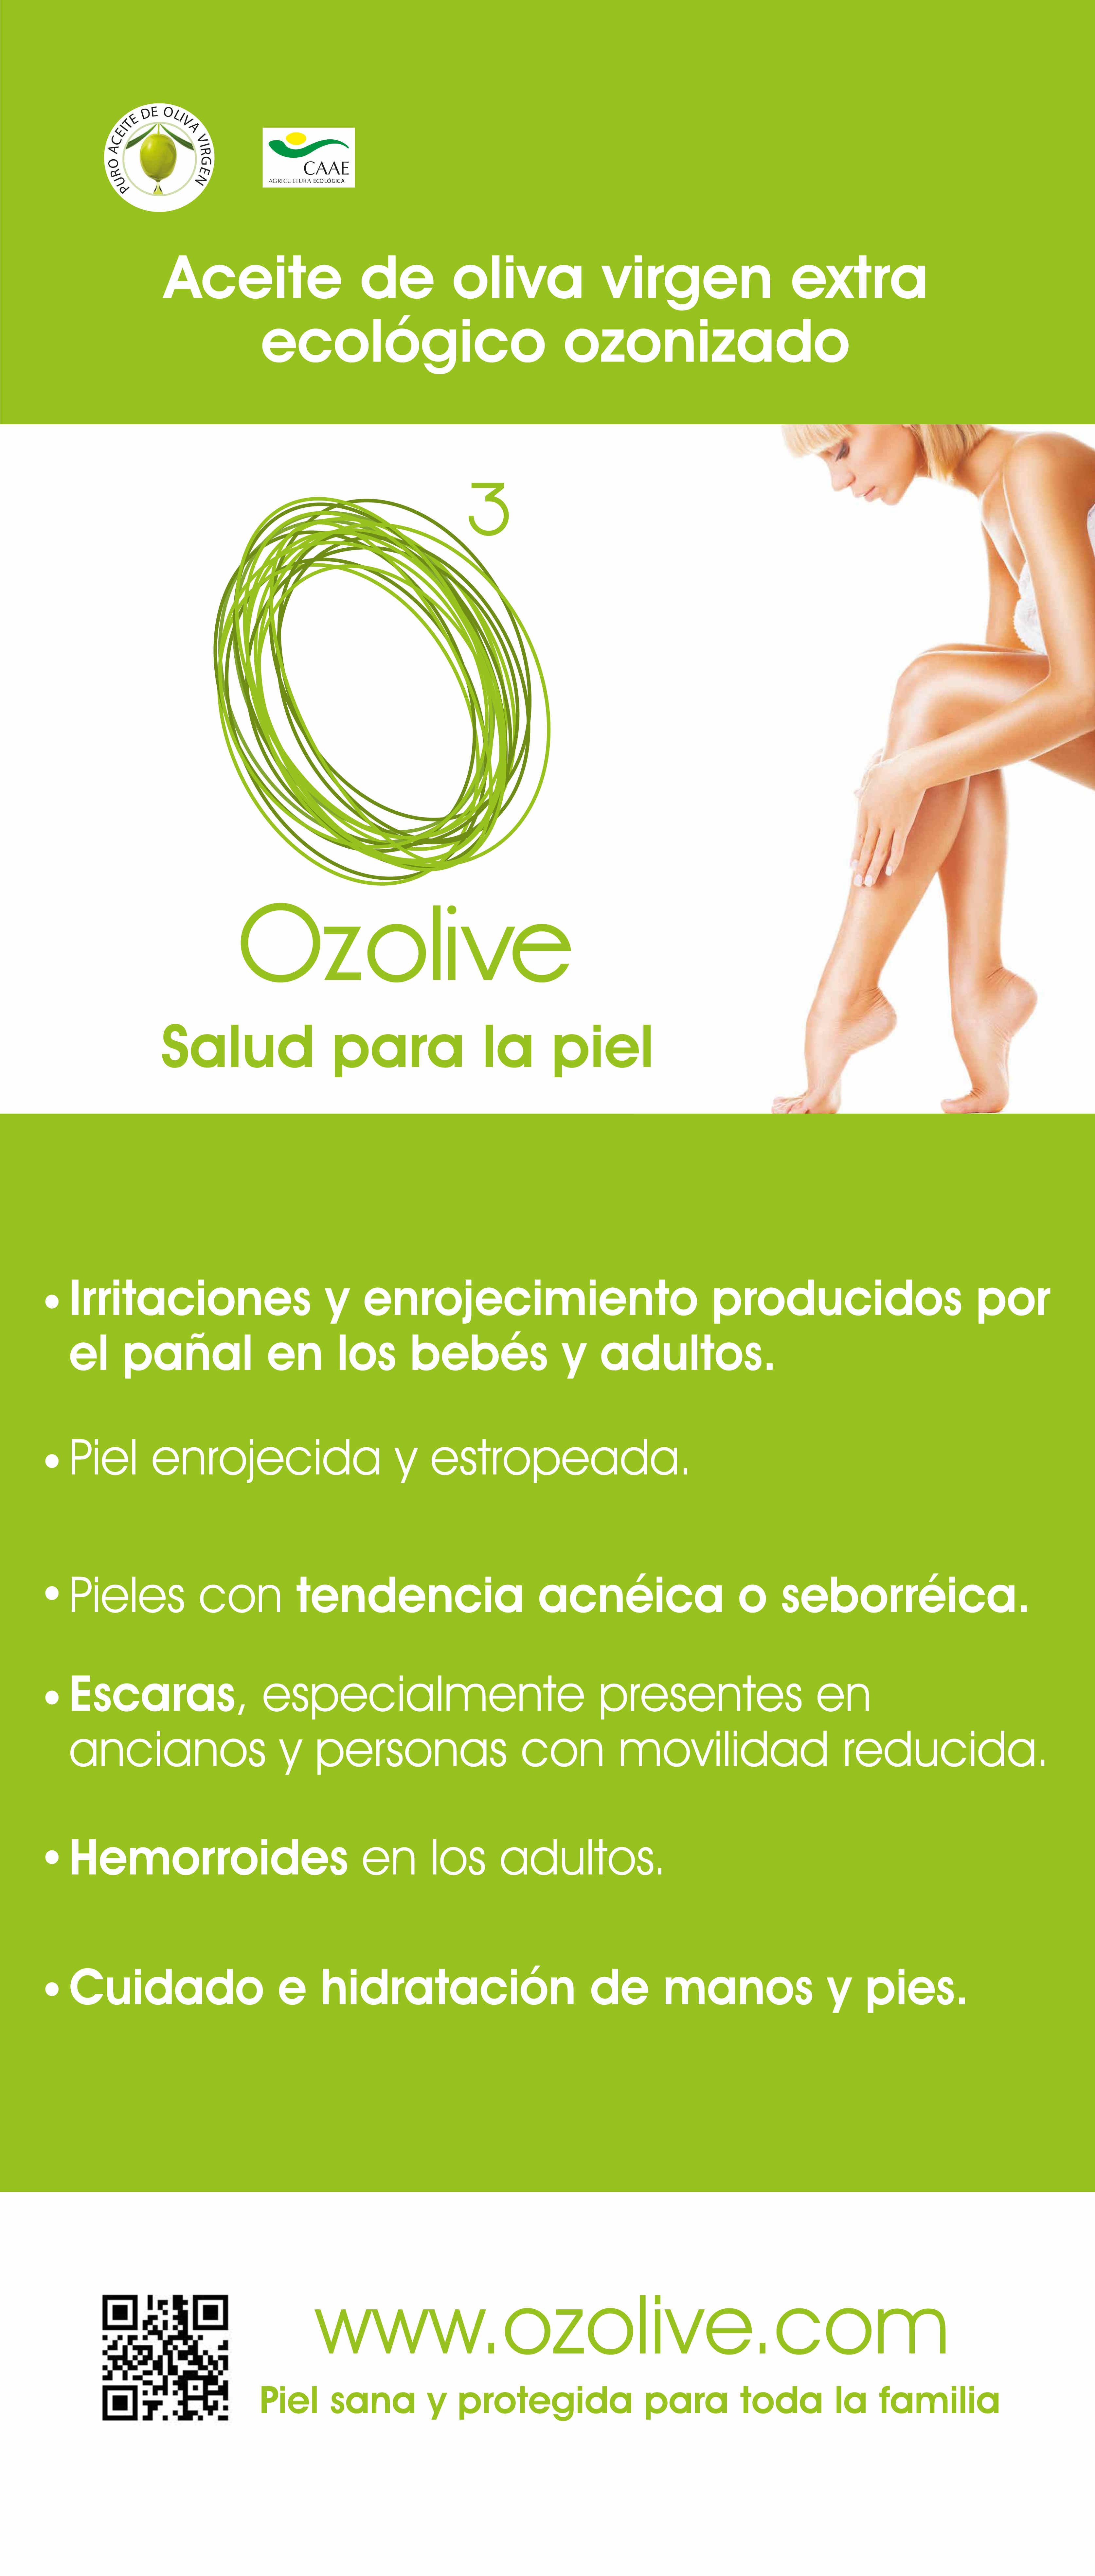 Aceite ozonizado para las irritaciones y problemas de la piel. 100% natural